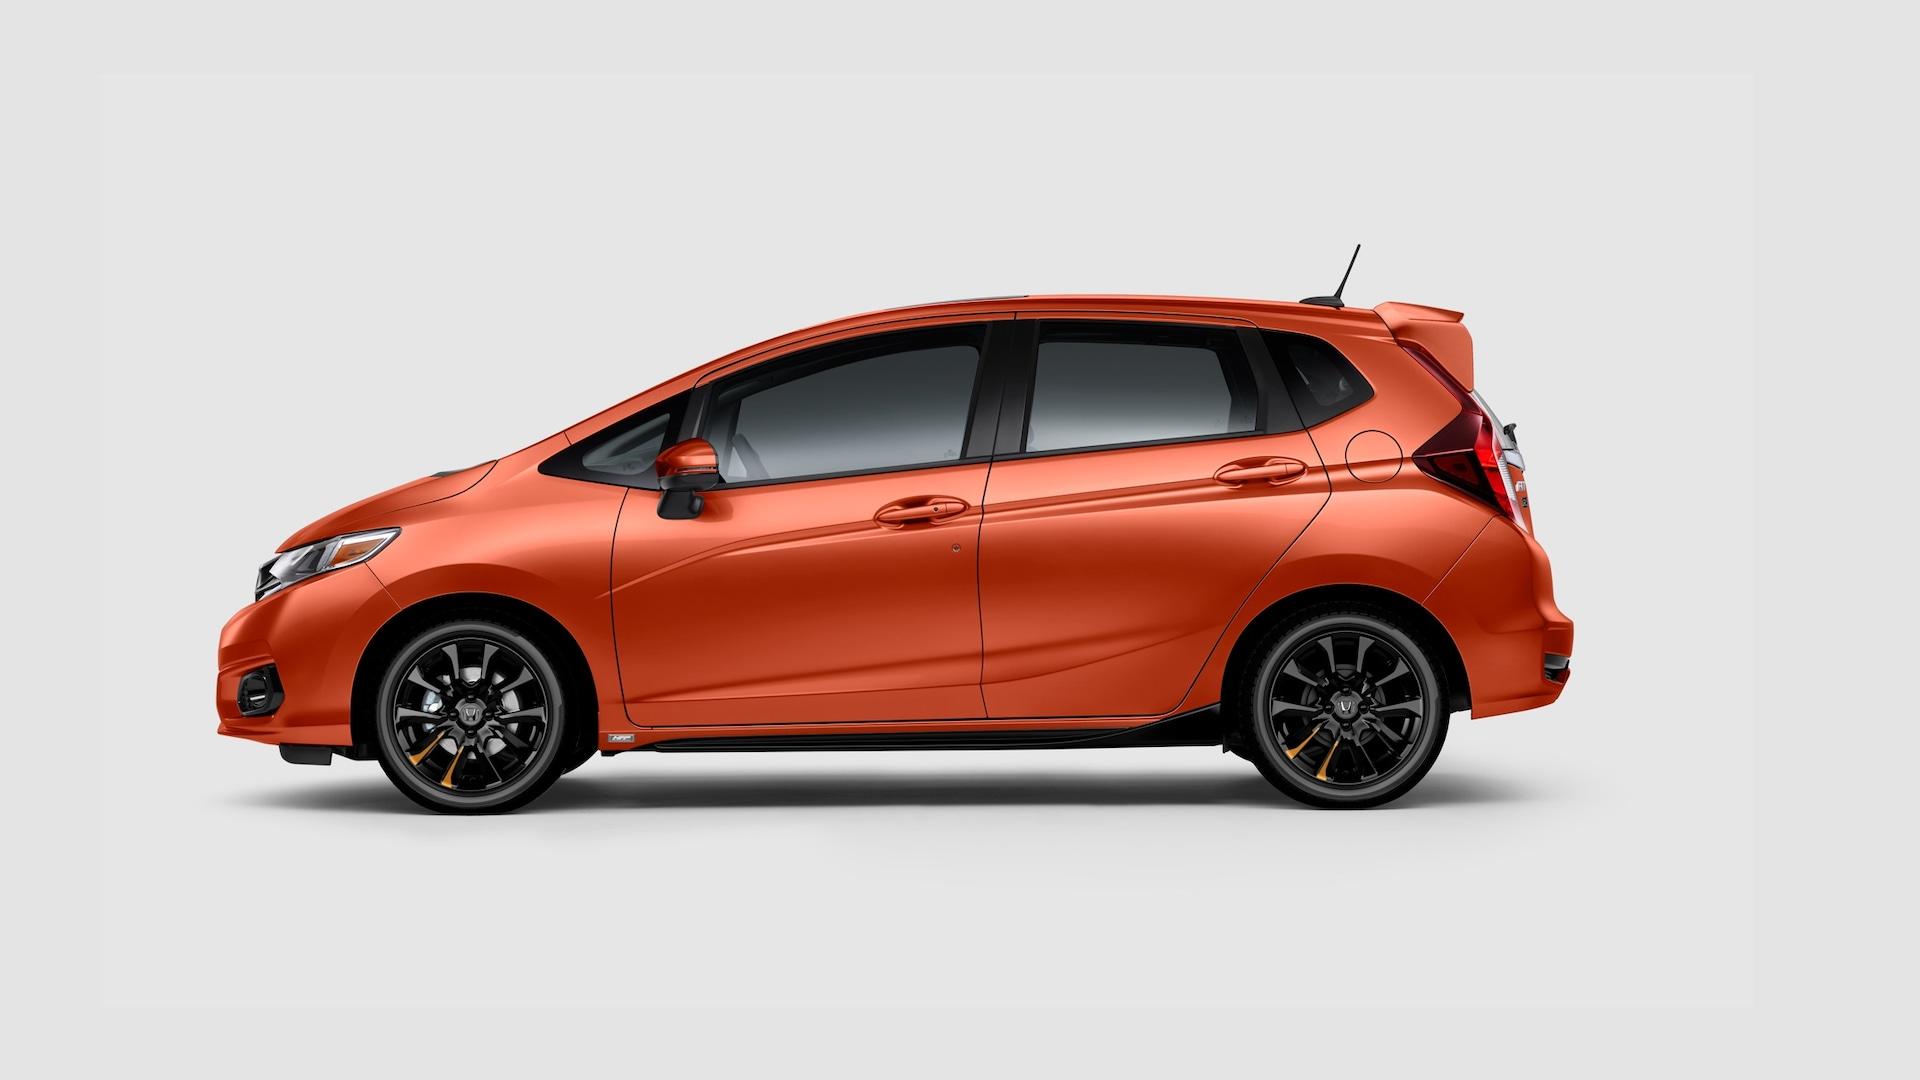 Vista de perfil desde el lado del conductor del Honda Fit Sport2020 en Orange Fury con accesorios de Honda Factory Performance®.